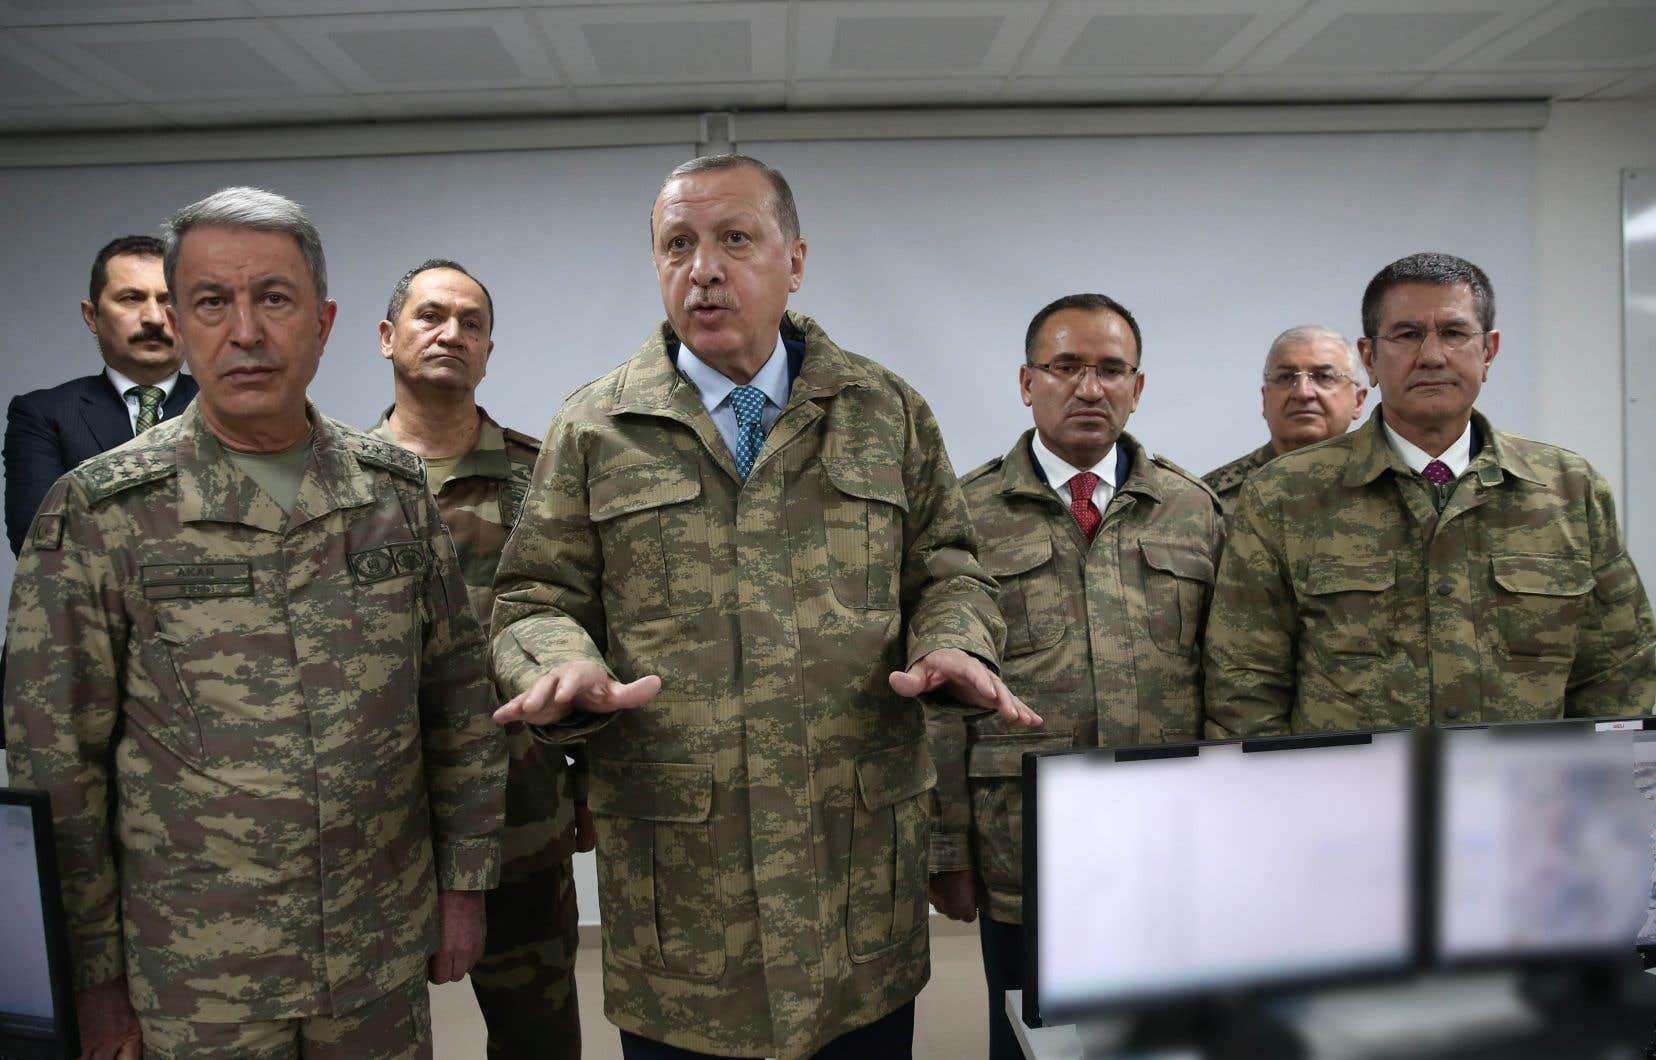 Lors de sa visite à la frontière, le président turc Recep Tayyip Erdogan s'est affiché en veste de camouflage militaire